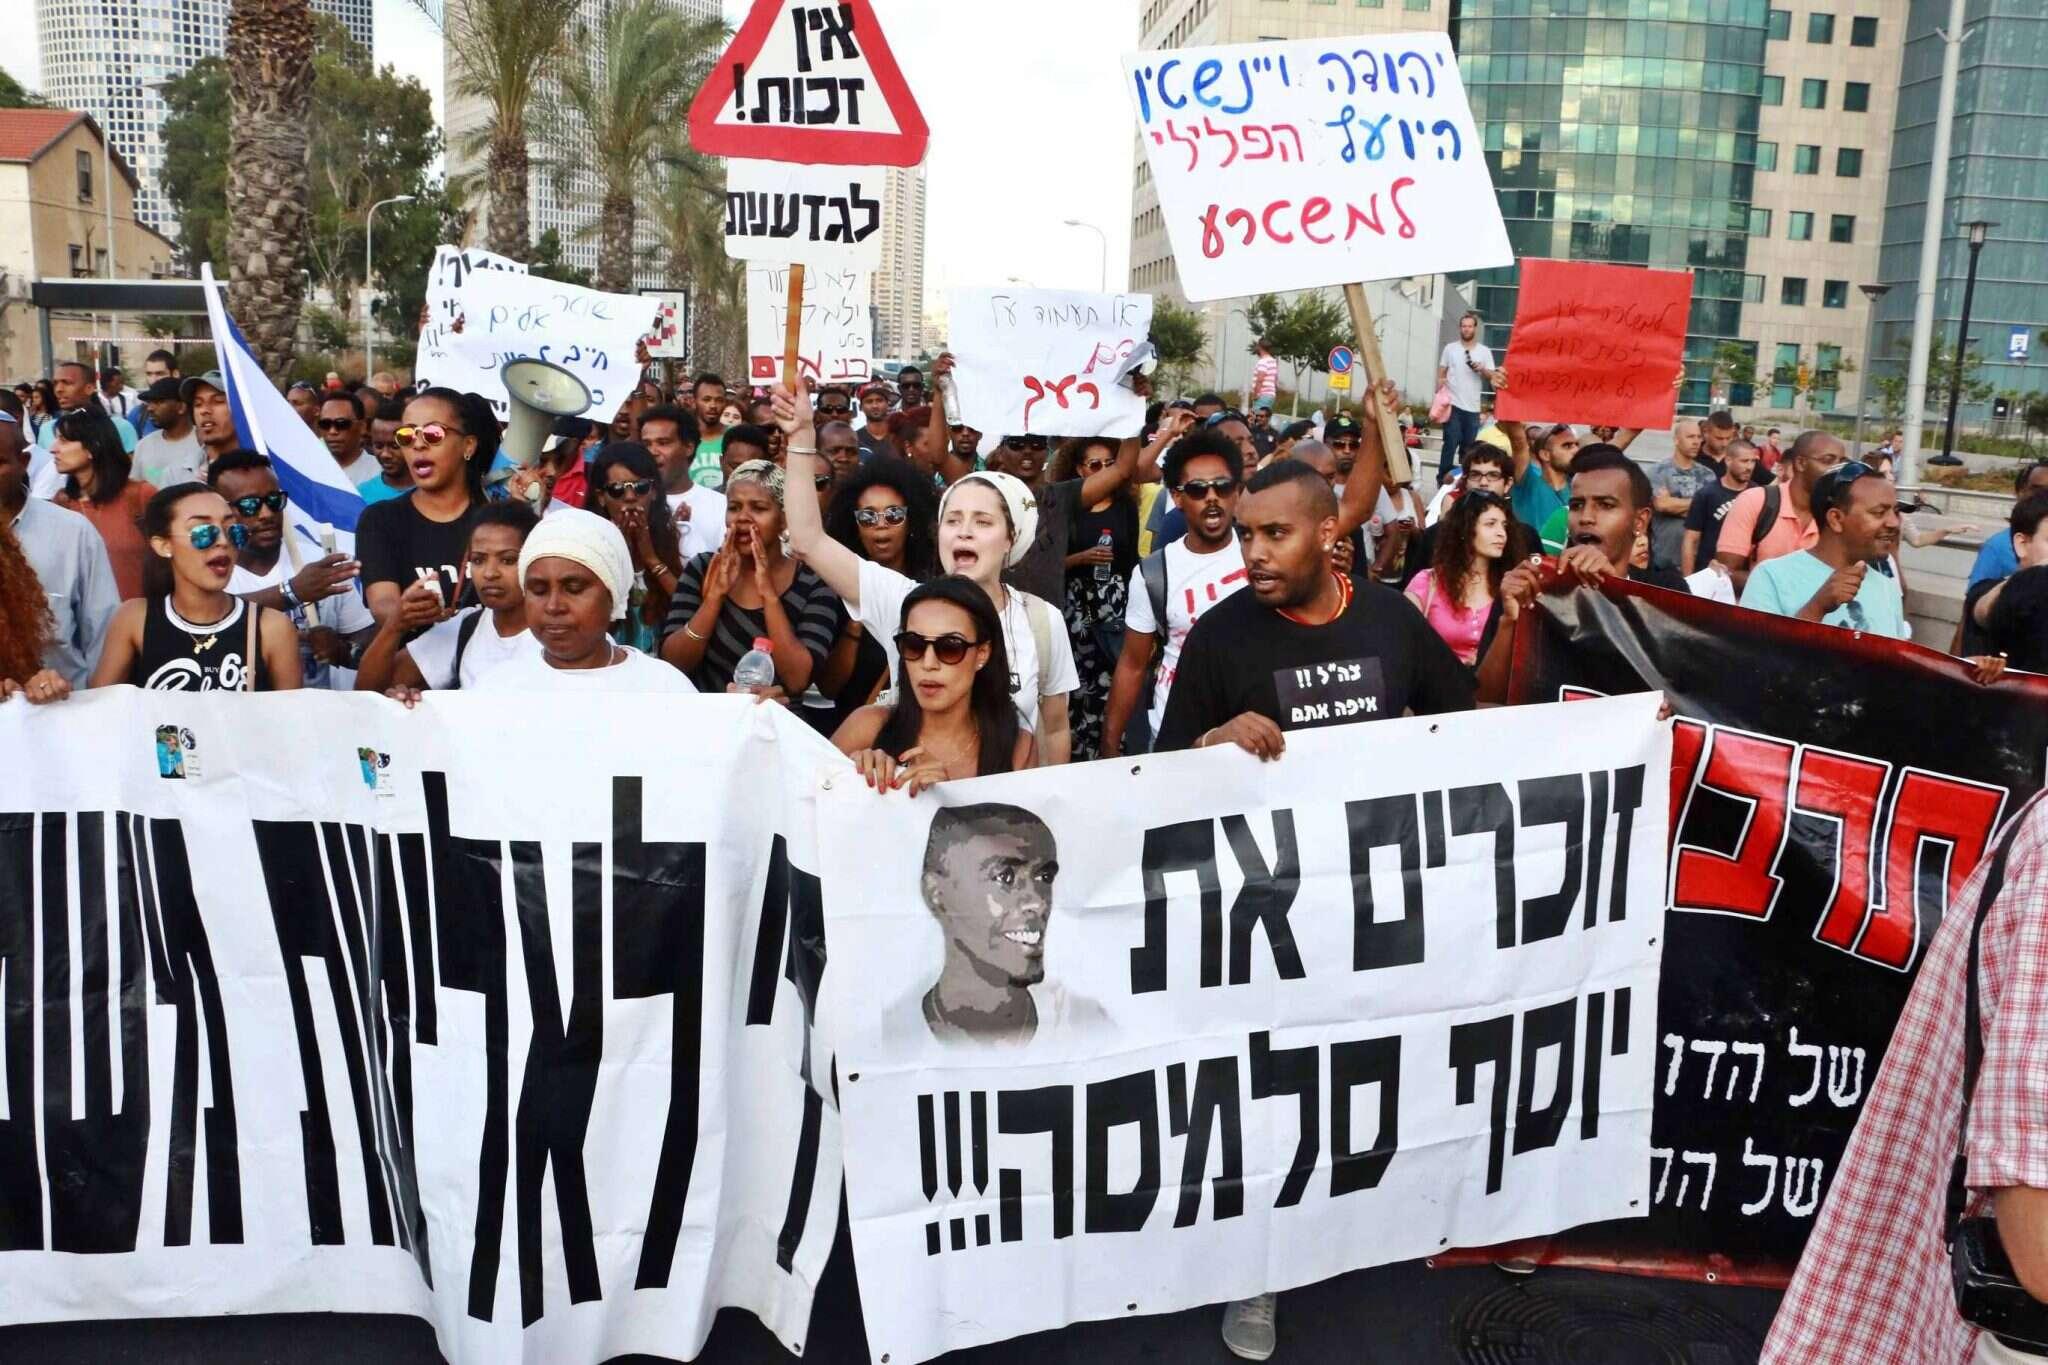 הפגנה נגד הגזענות כלפי אתיופים. צילום: אמיר מאירי